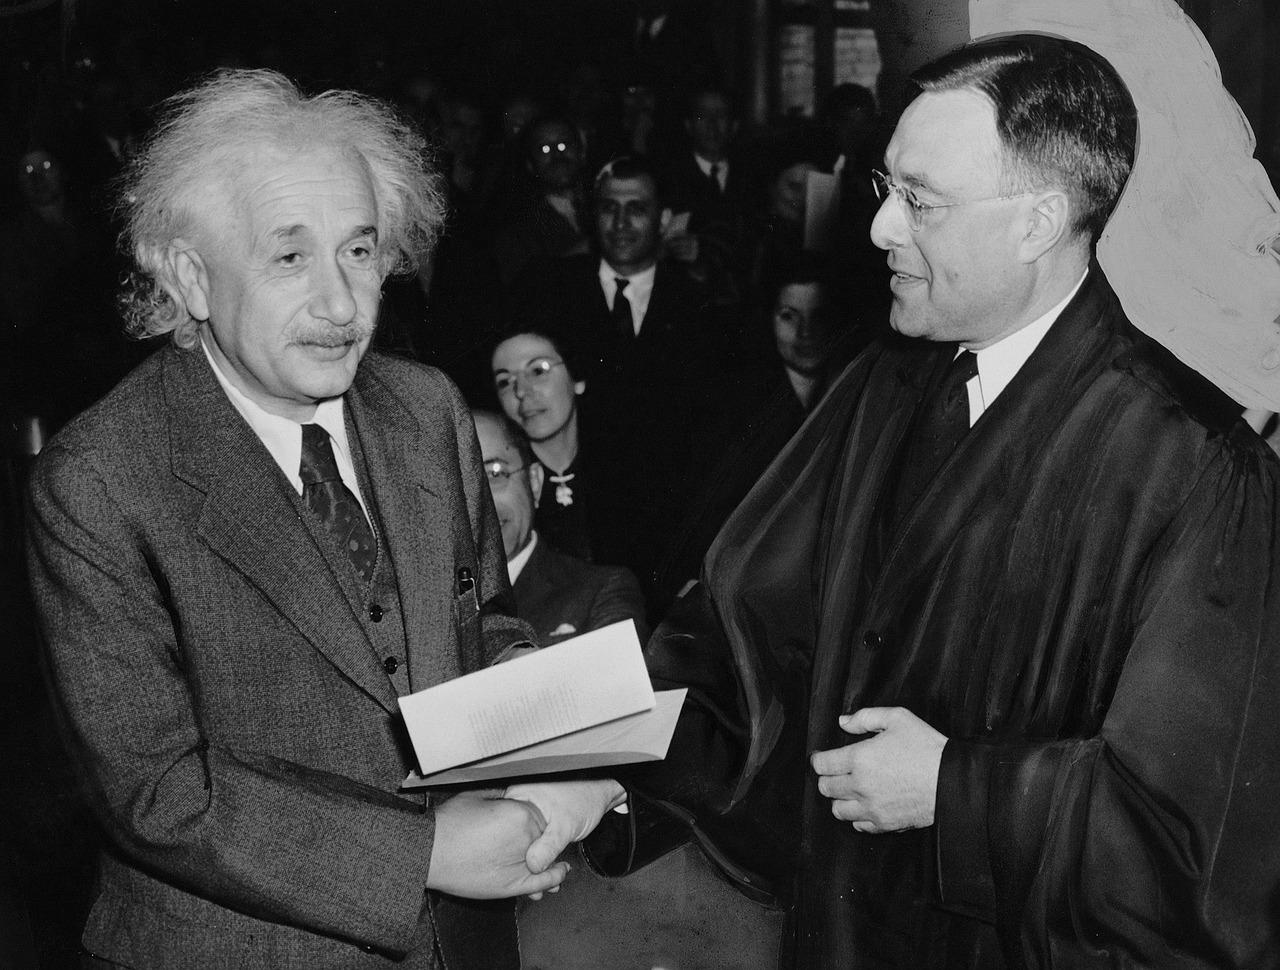 Einstein står och skakar hand med en person i lång svart kappa. Einsten har stort vitt yvigt hår och ser lite finulrig ut.